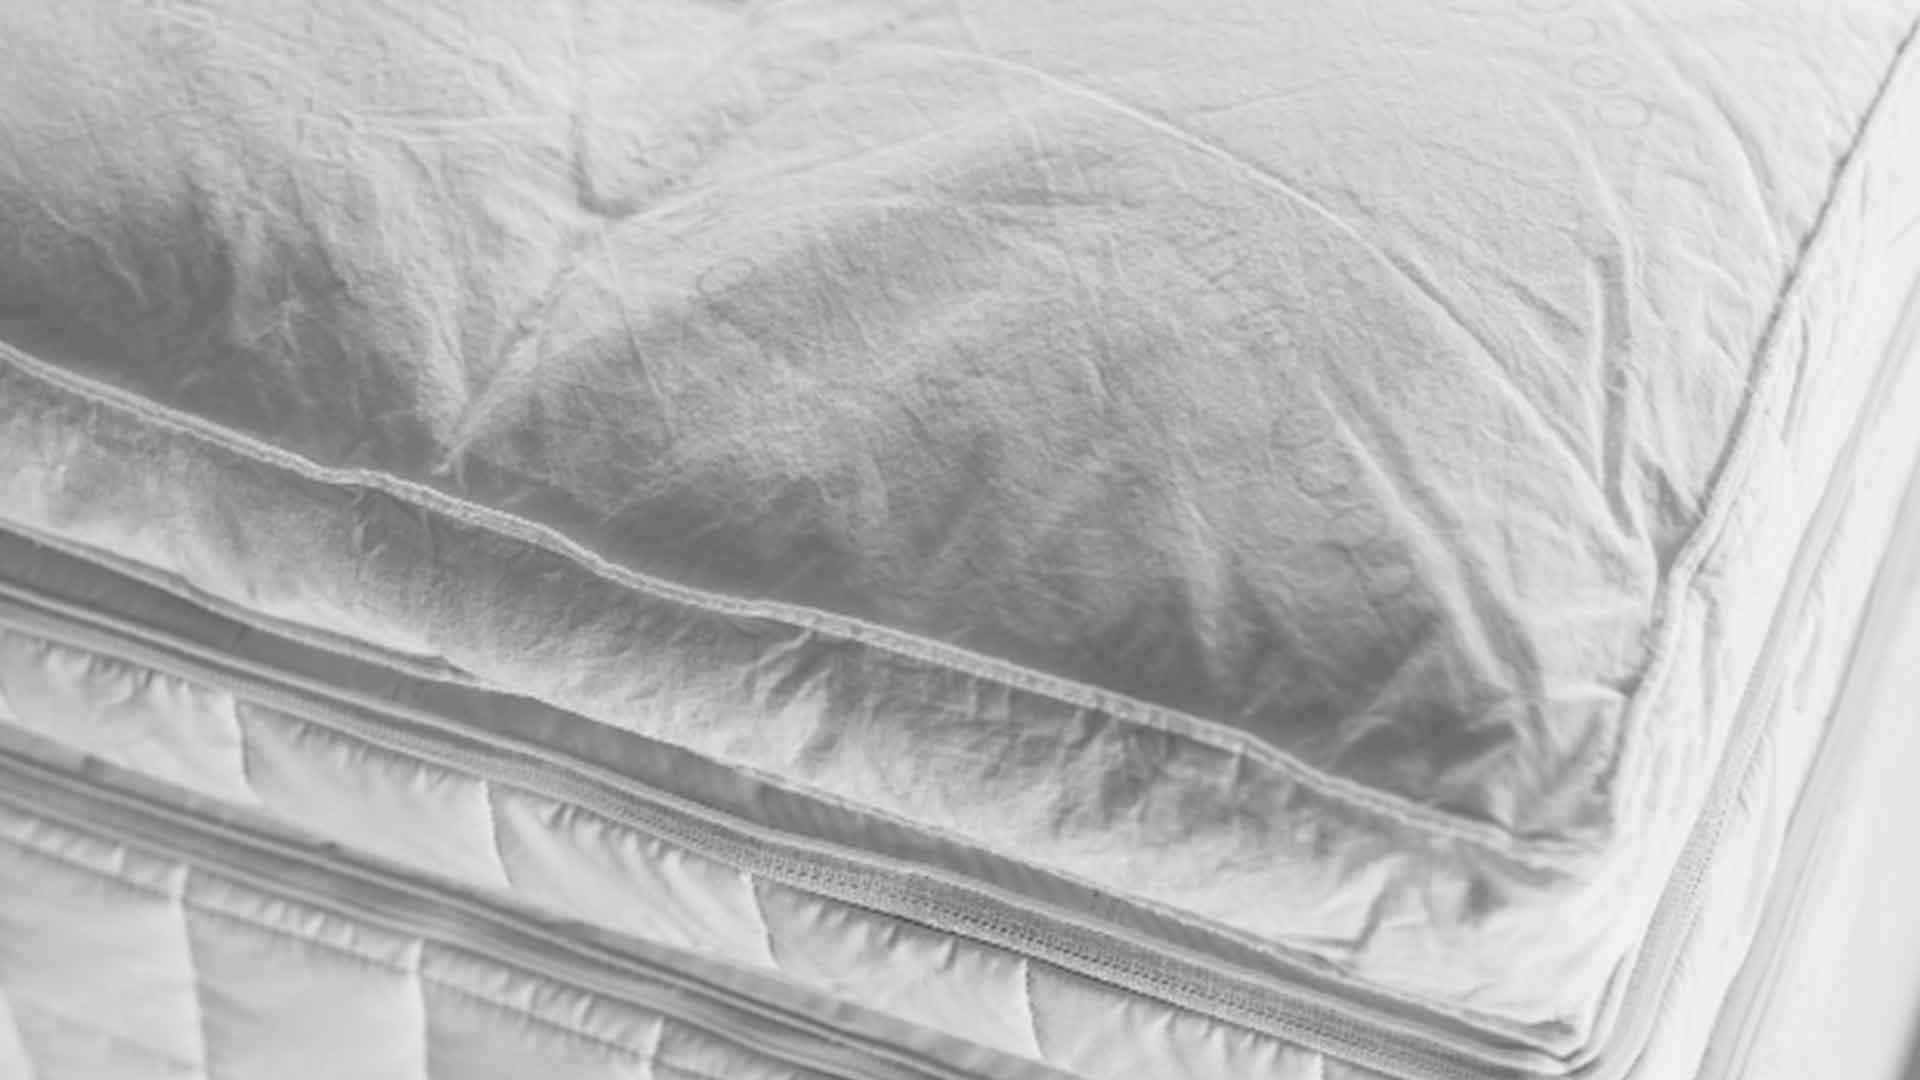 ノンコイルマットレス用のトッパーのキリアキの画像